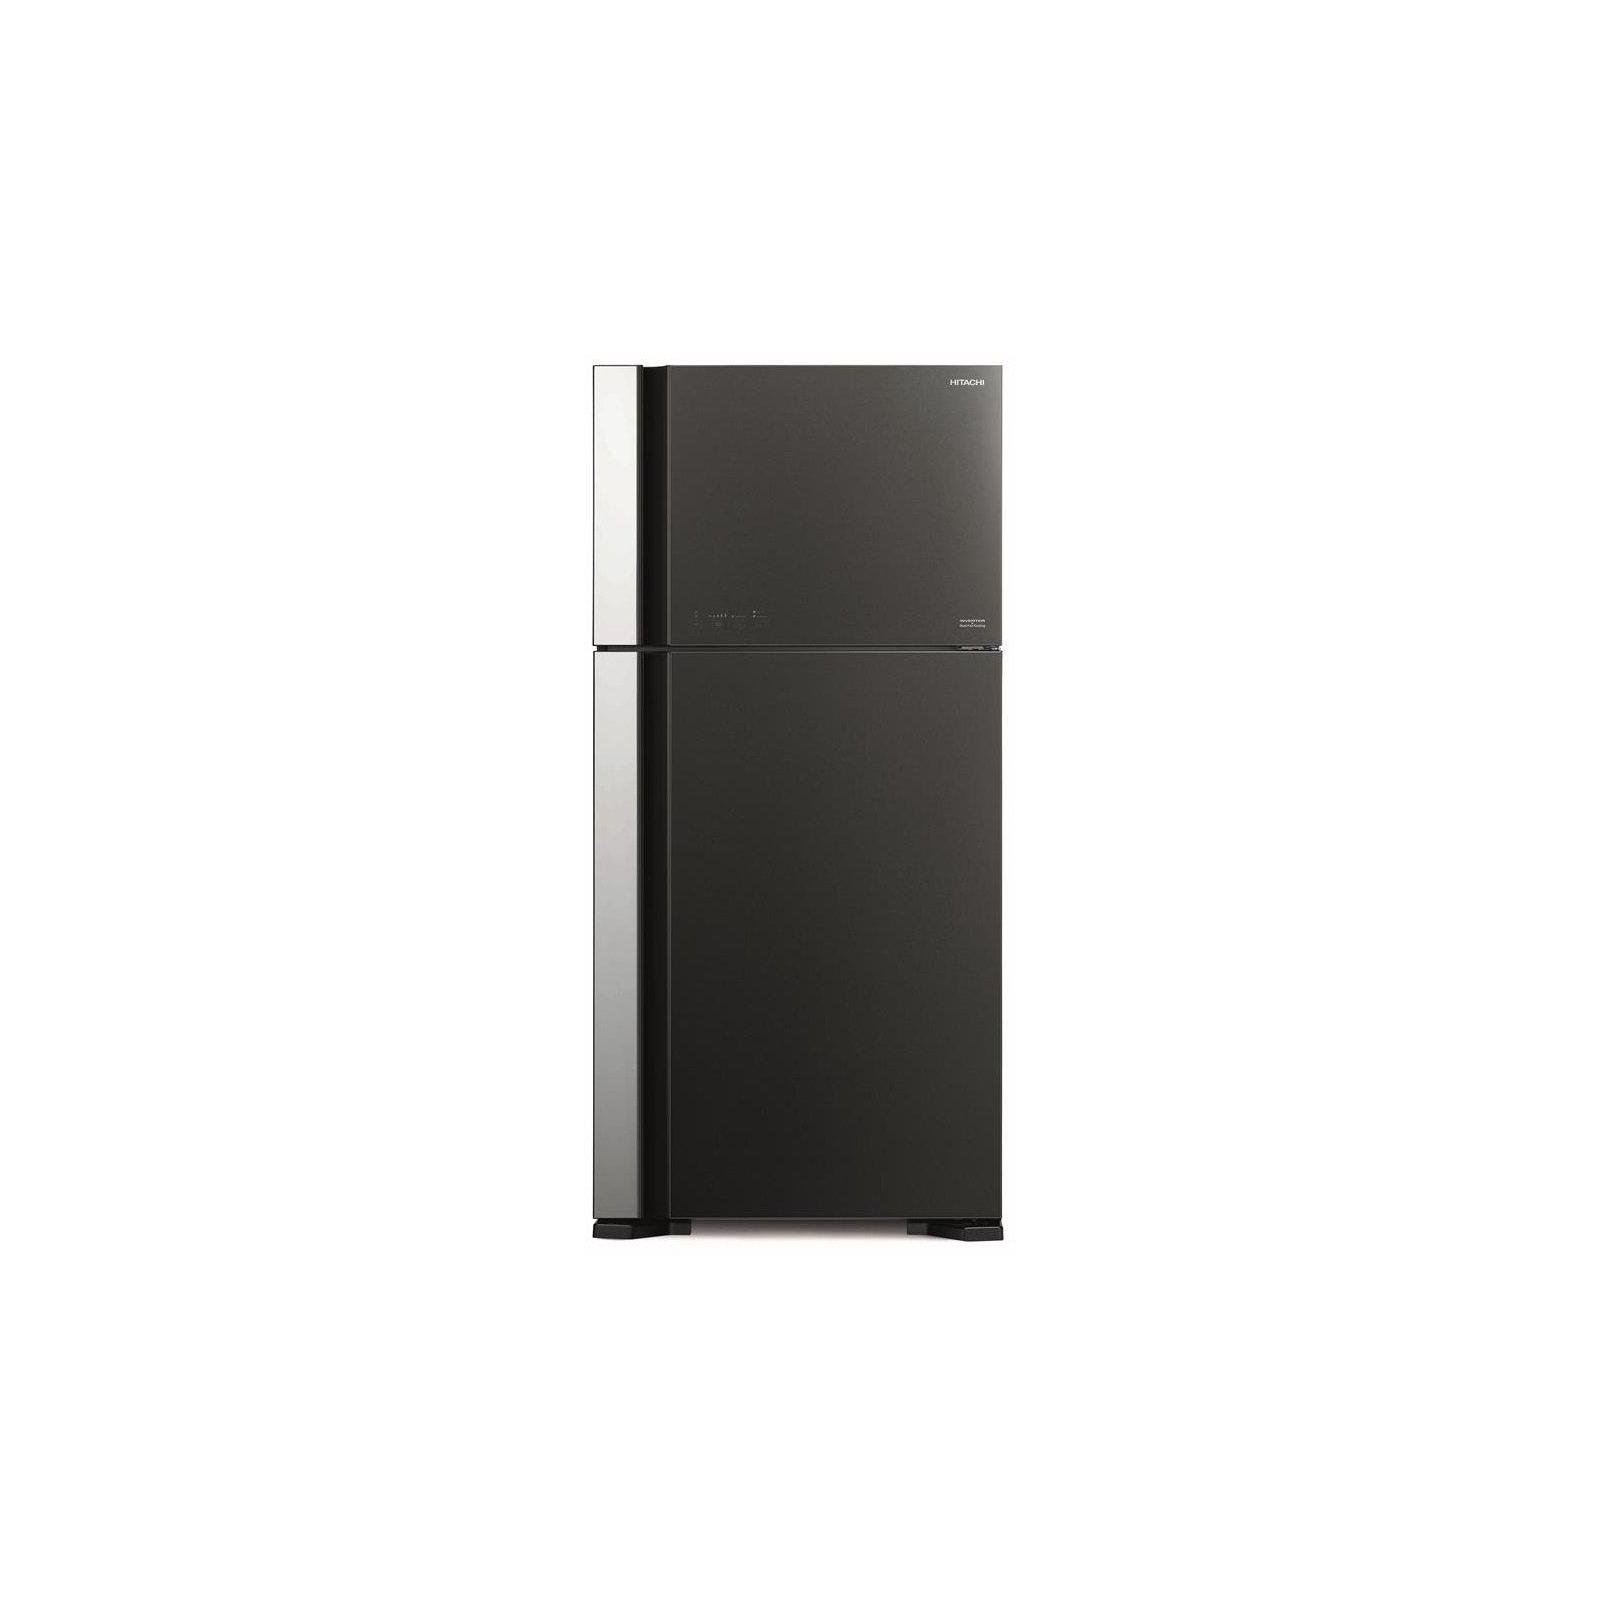 Холодильник Hitachi R-VG610PUC7GGR изображение 2